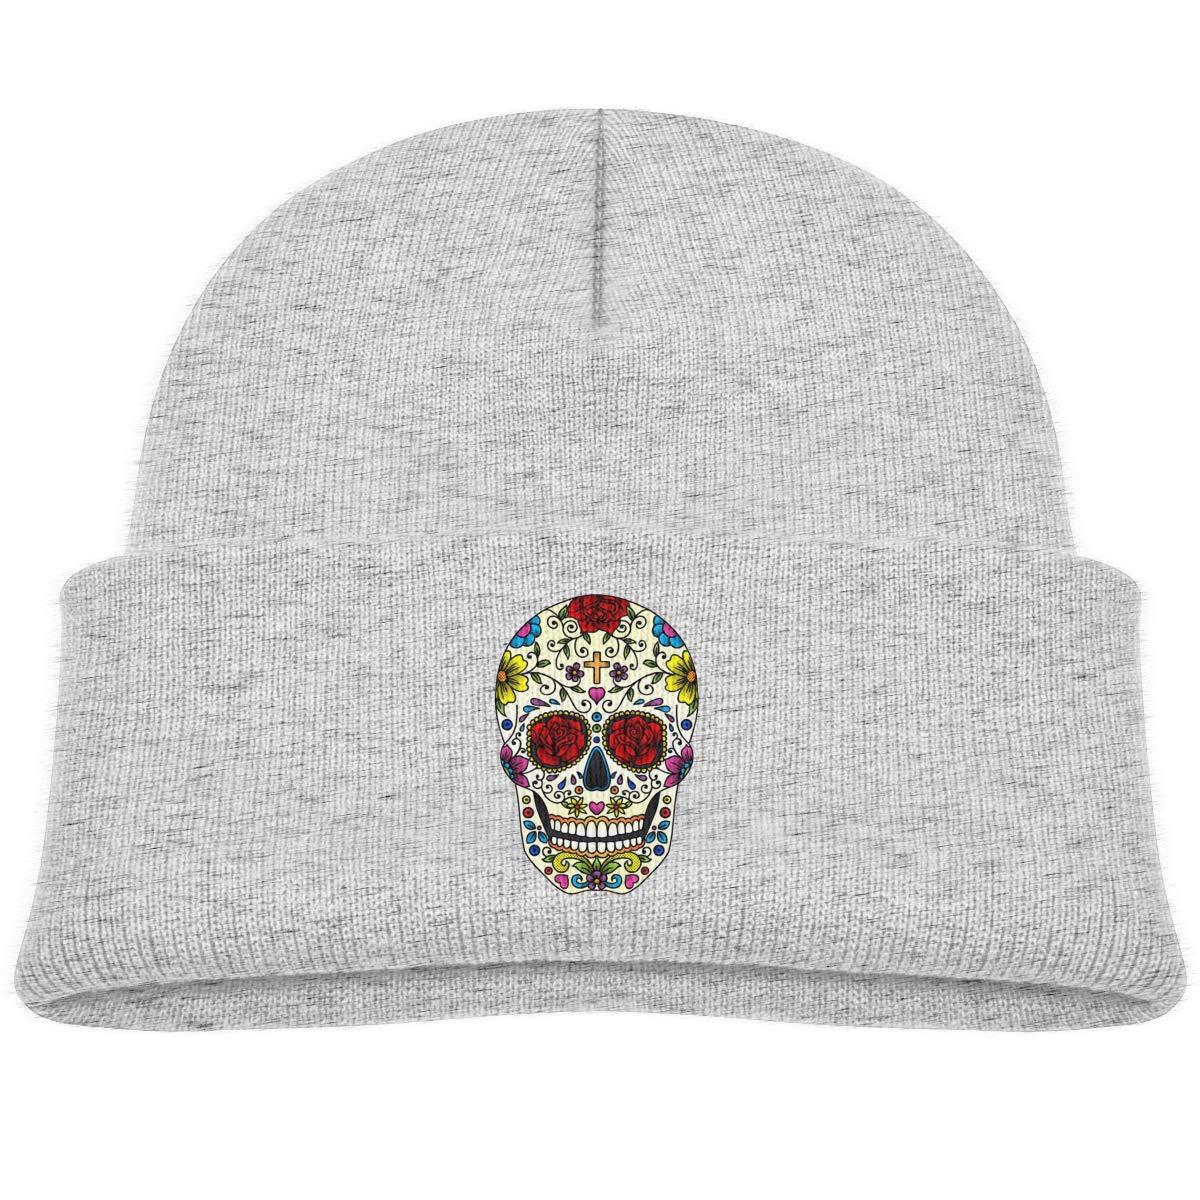 Kids Knitted Beanies Hat Sugar Skull Art Winter Hat Knitted Skull Cap for Boys Girls Pink